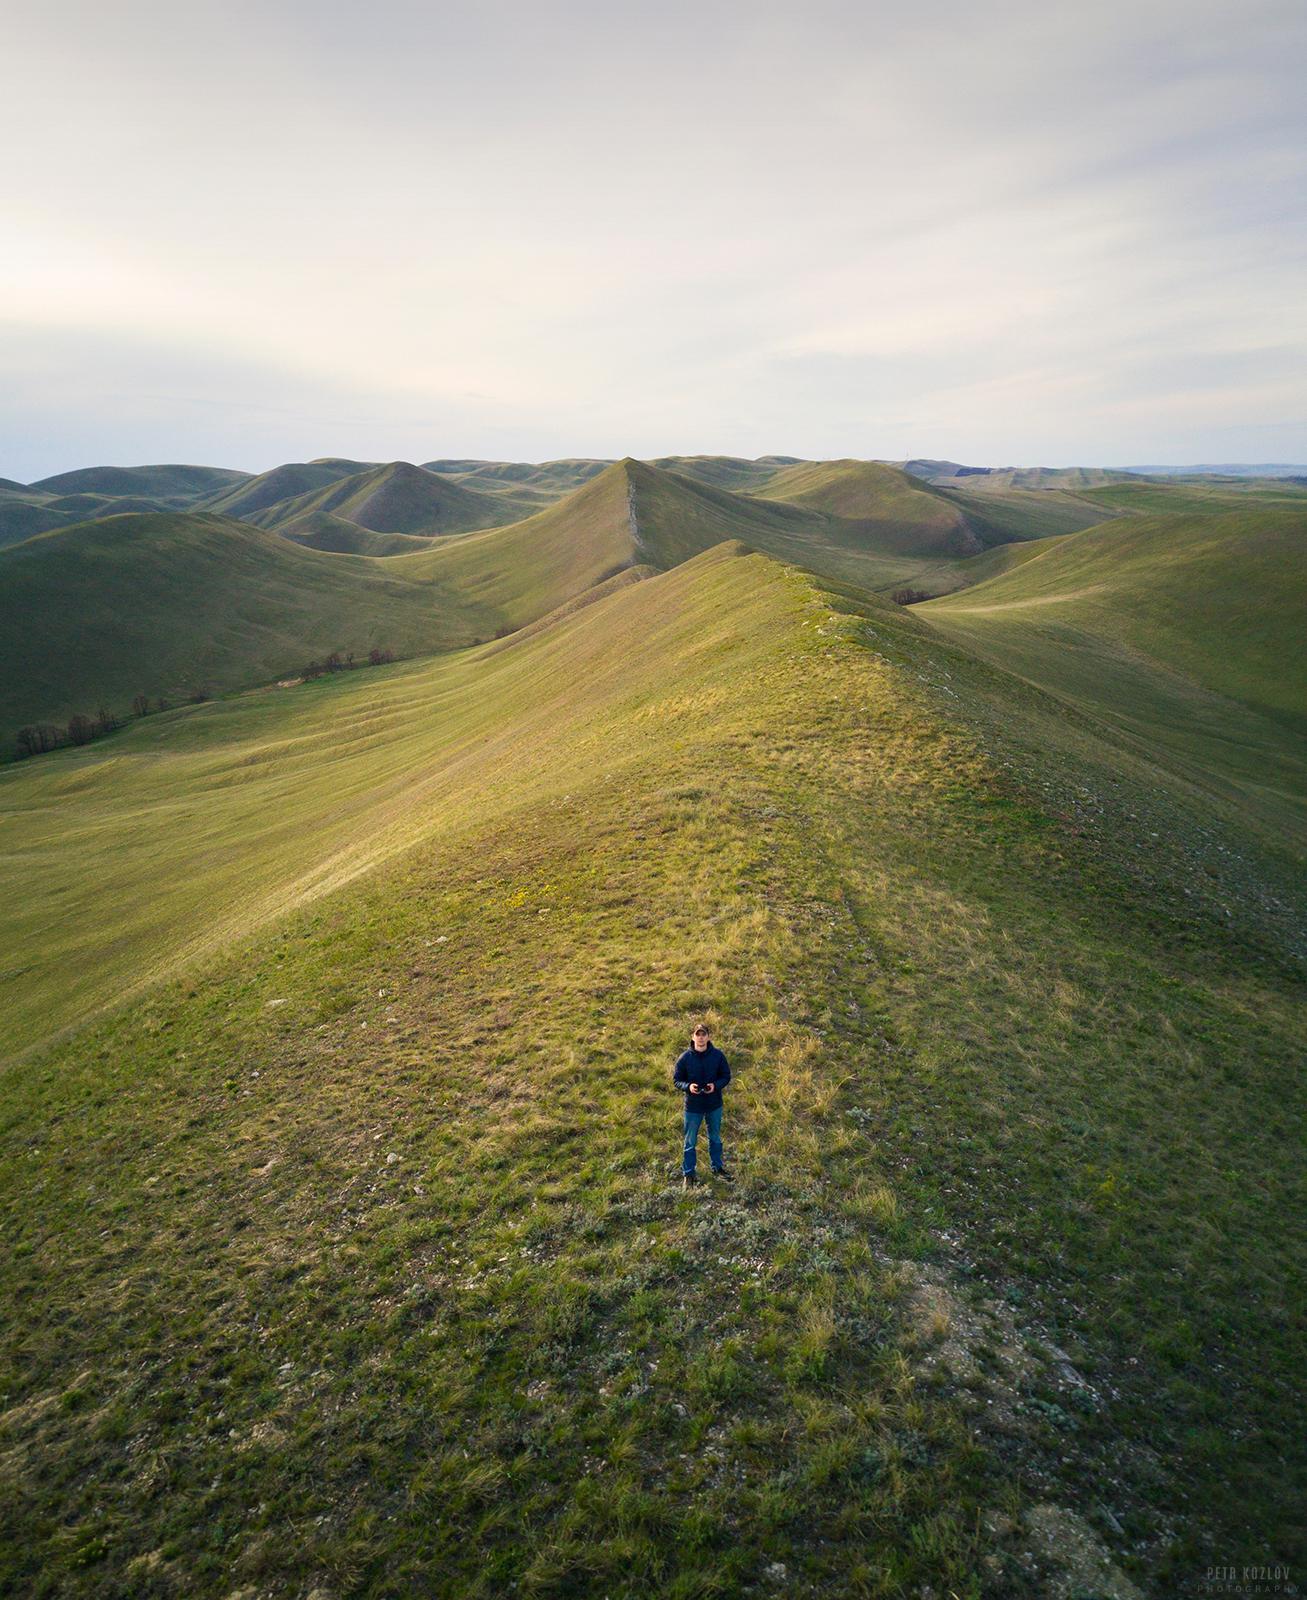 Екатеринбуржец снял завораживающие фото и видео Долгих гор